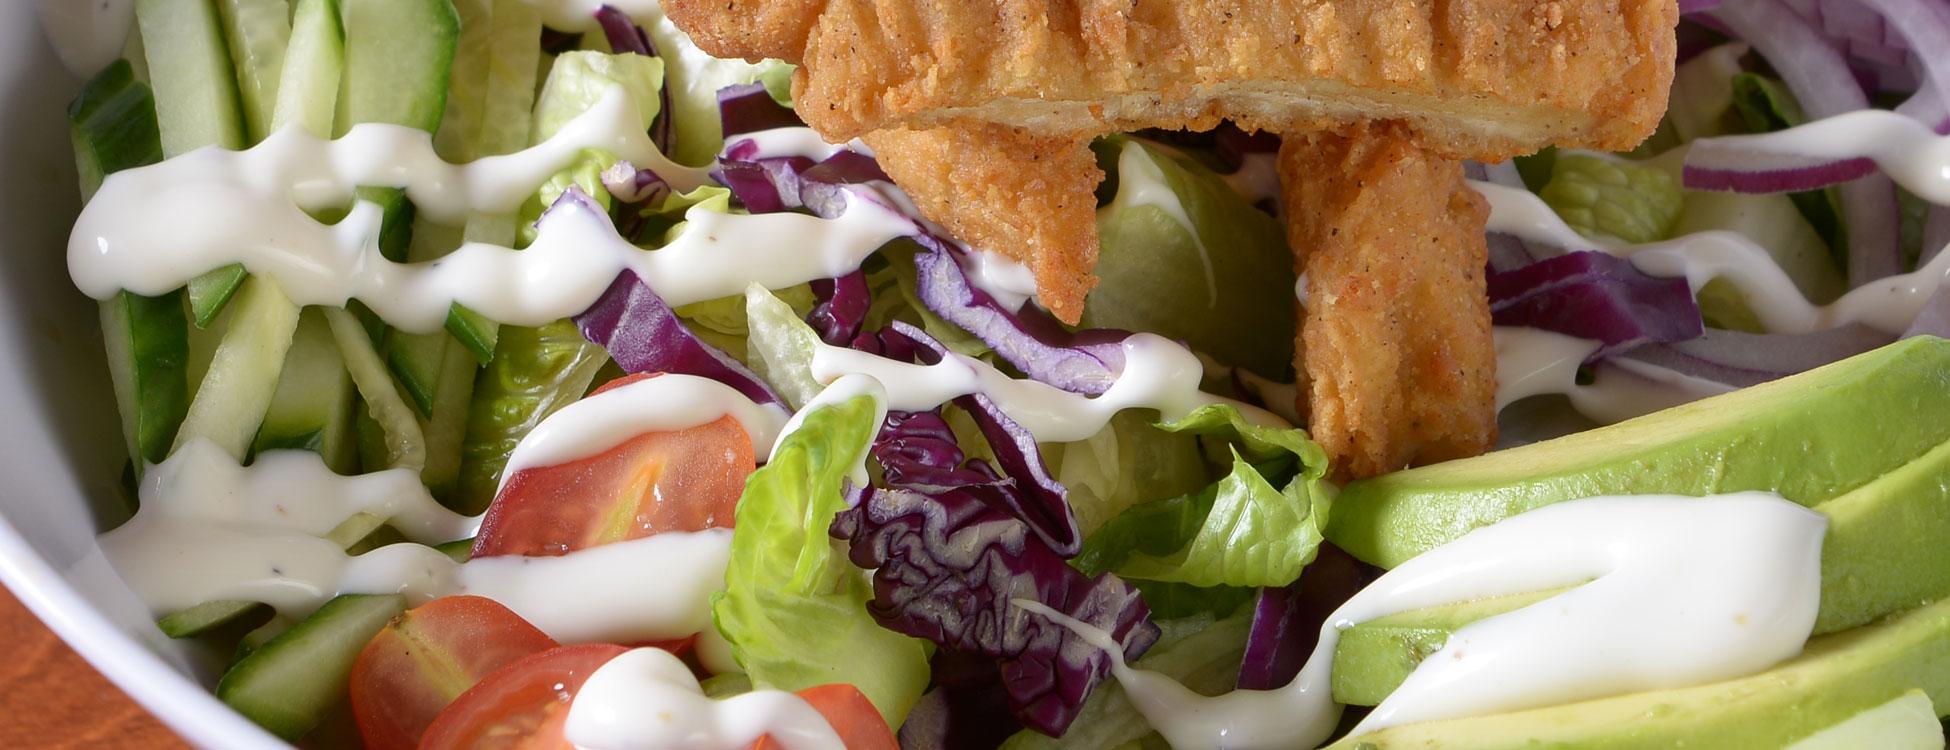 Battered Chicken in Salad